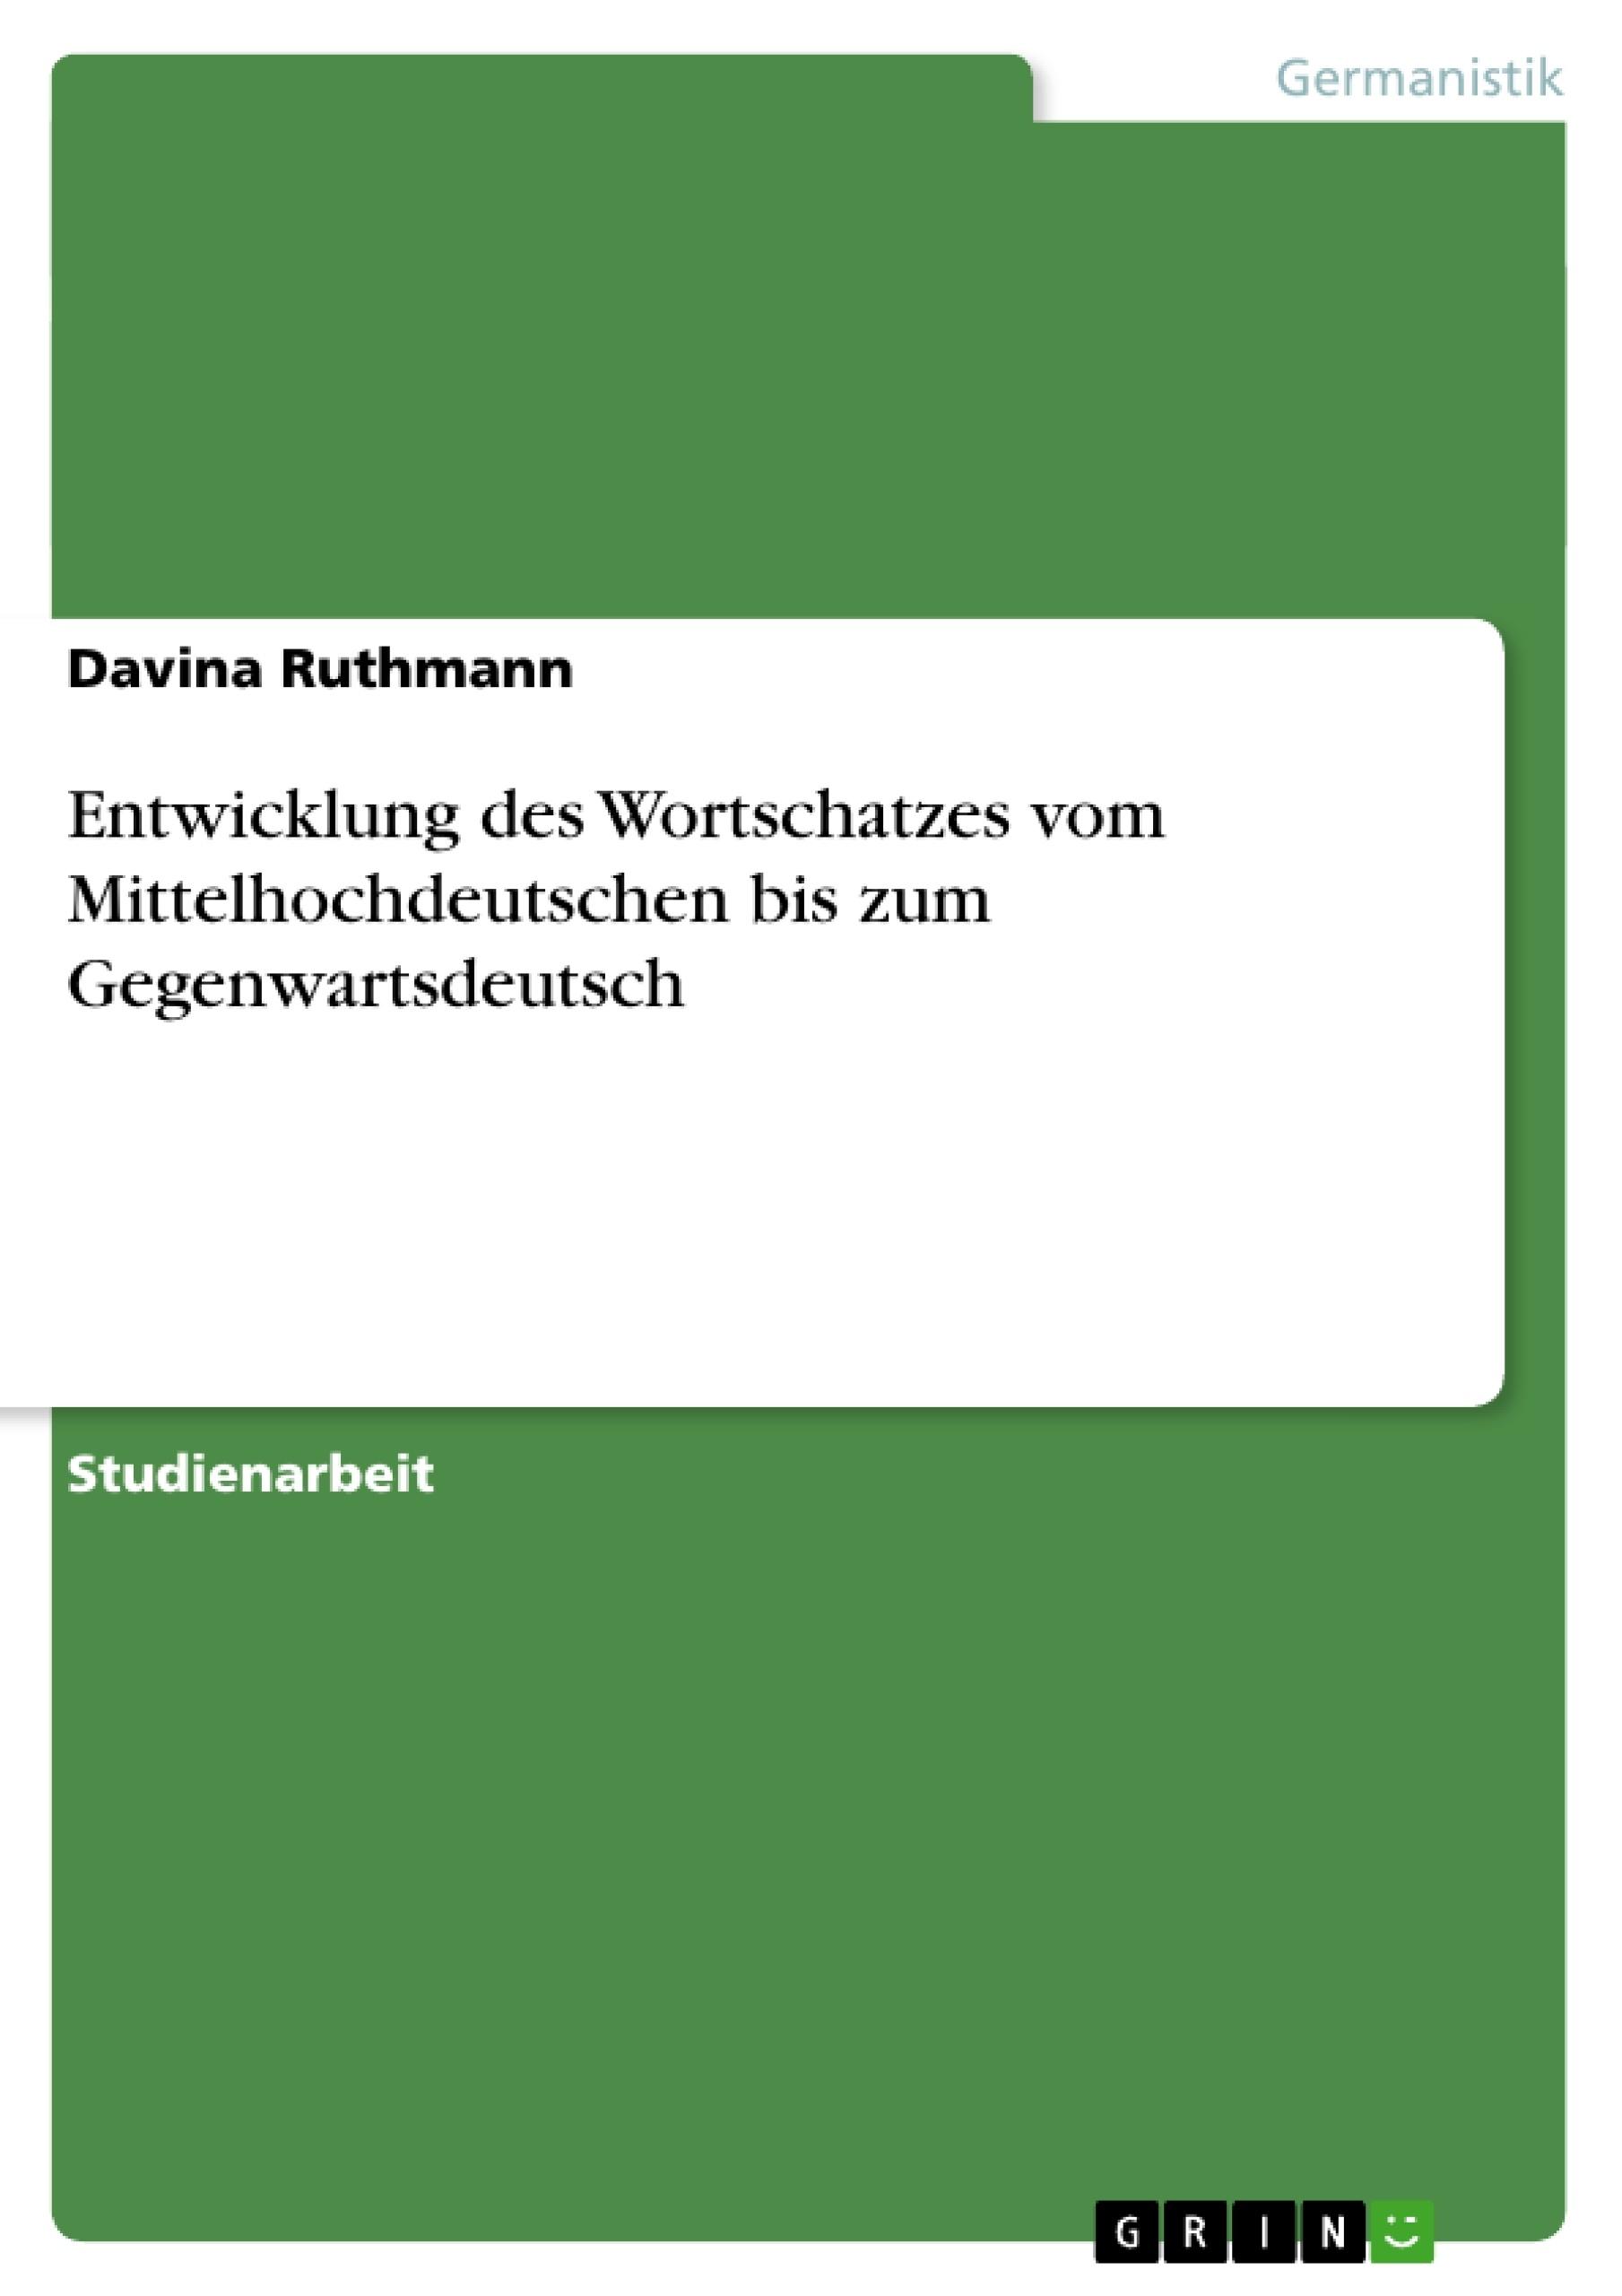 Titel: Entwicklung des Wortschatzes vom Mittelhochdeutschen bis zum Gegenwartsdeutsch